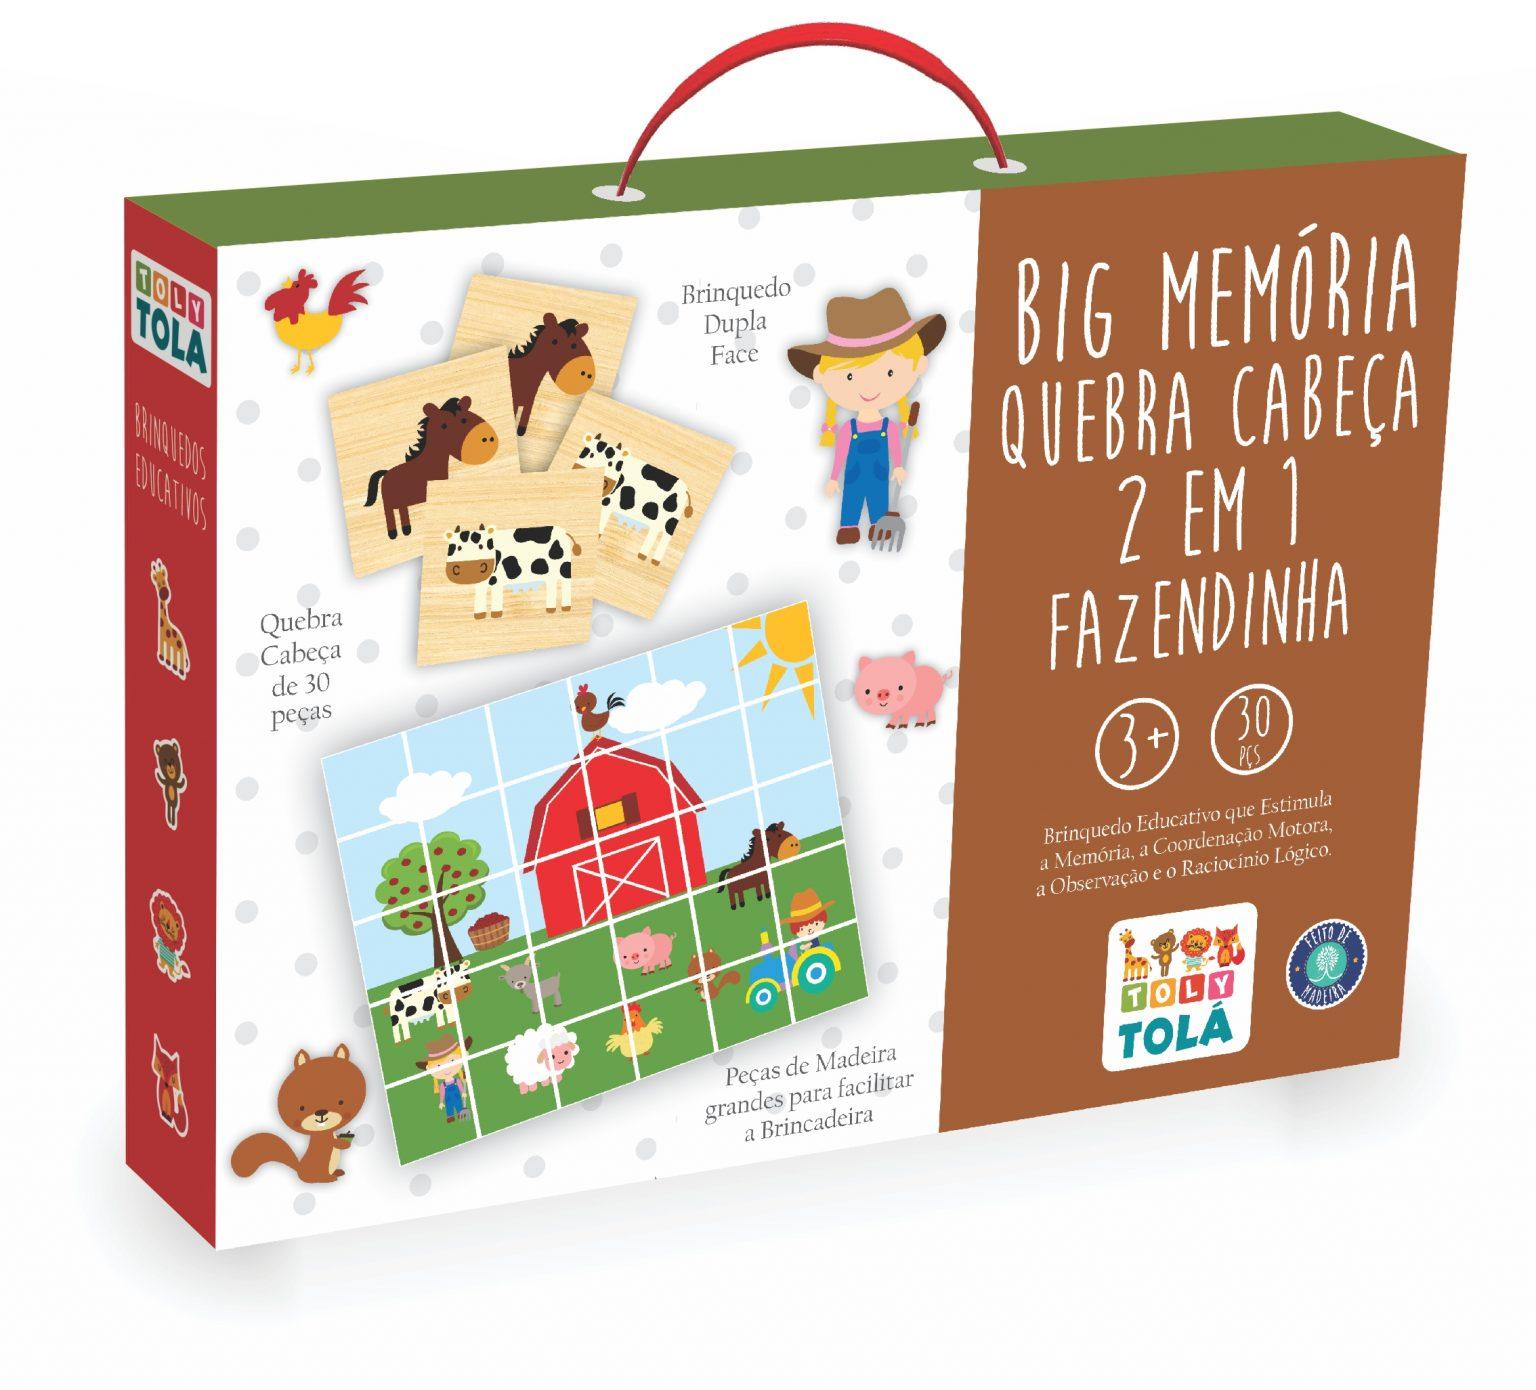 BIG MEMÓRIA / QUEBRA-CABEÇA 2 EM 1 - FAZENDINHA